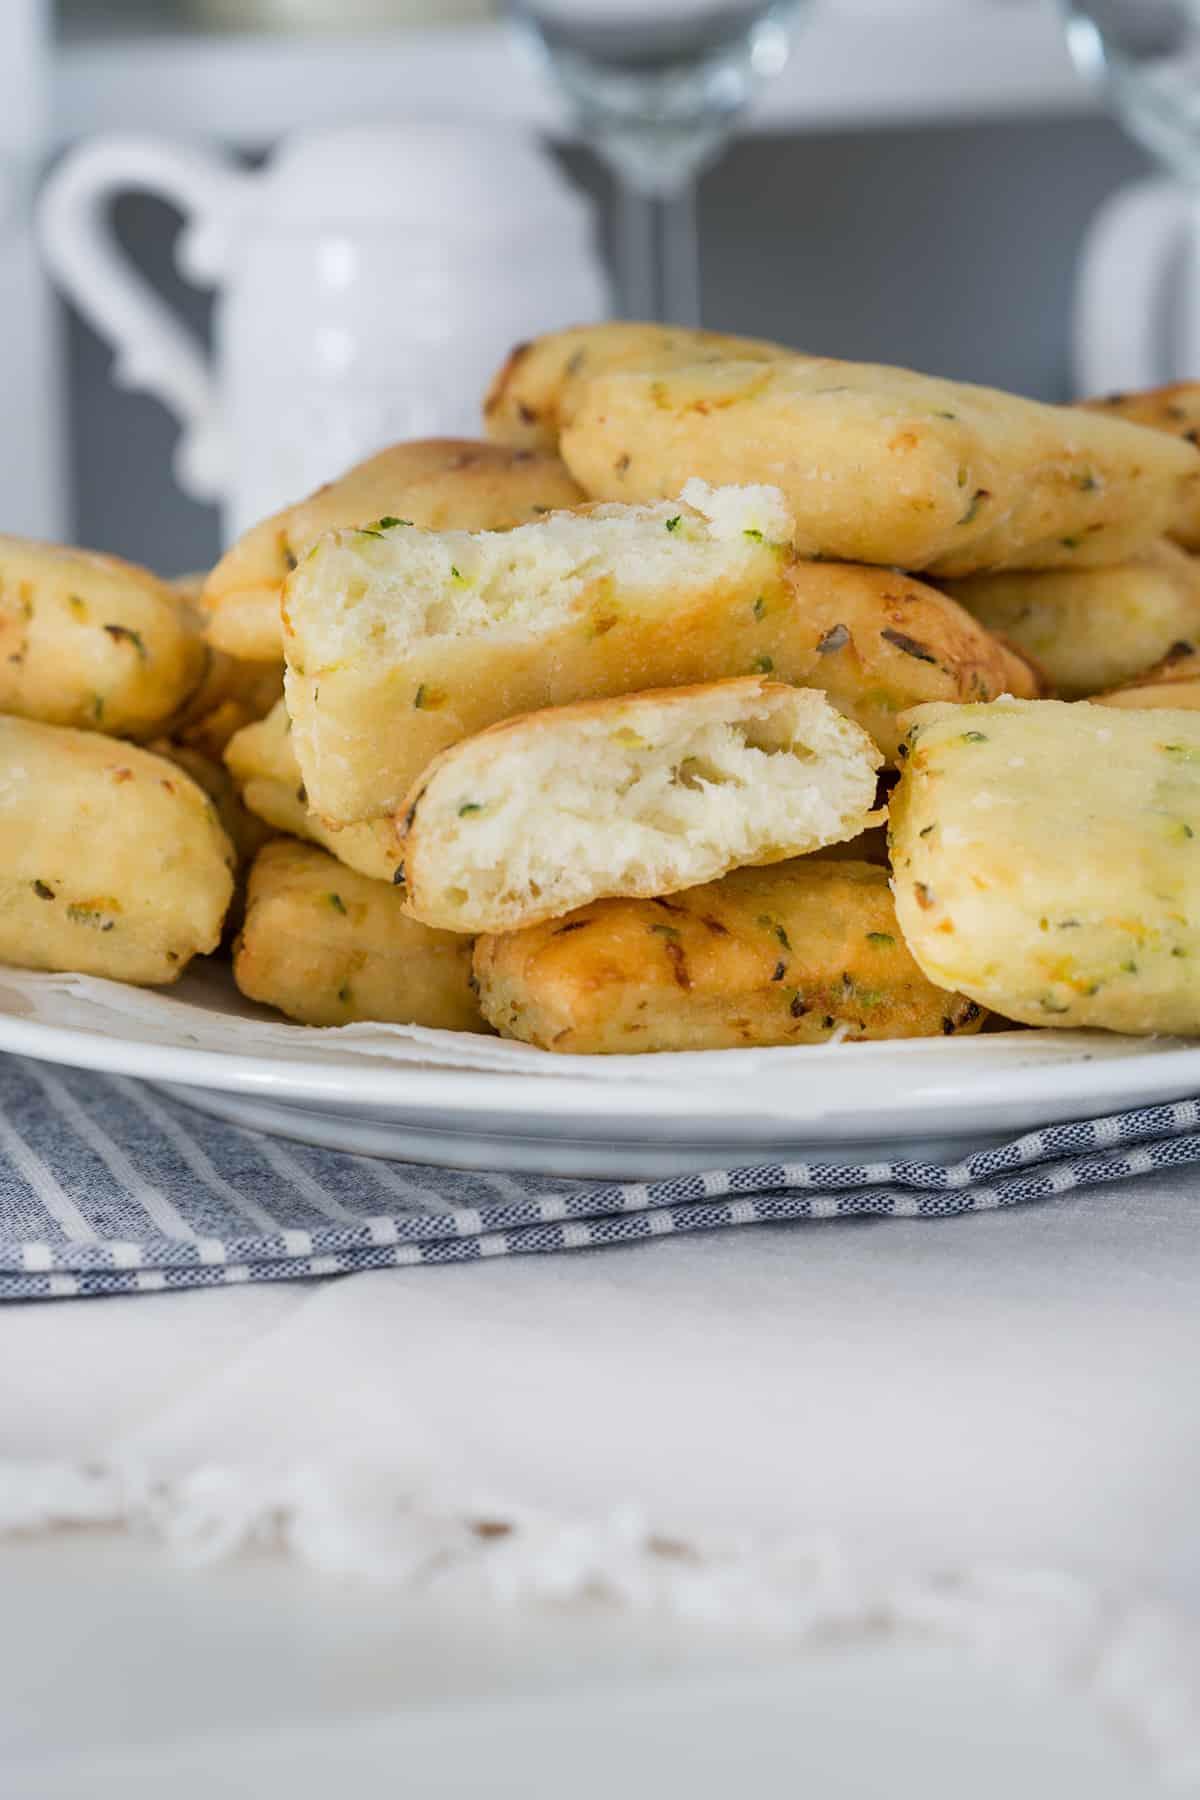 zeppole receta salada con calabacines. Con el centro esponjoso y fuera una textura crujiente